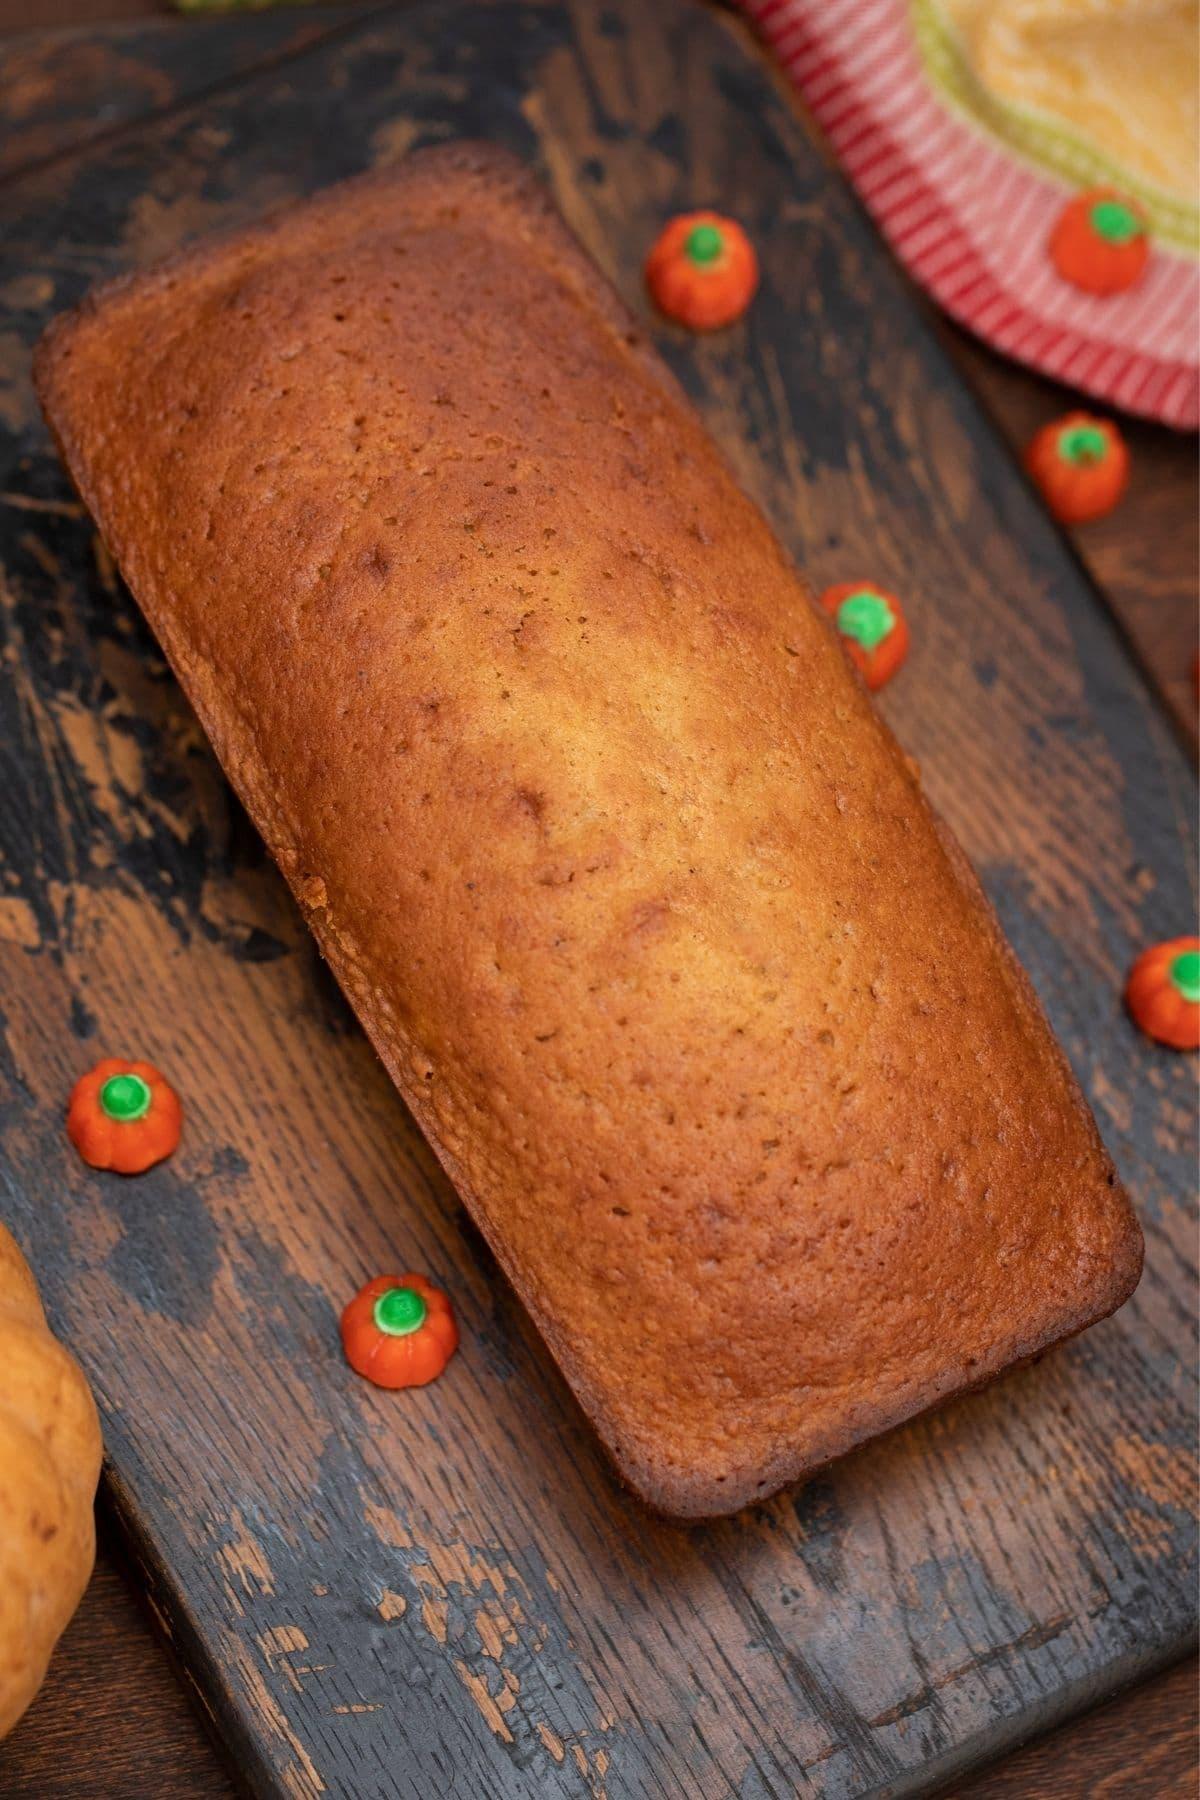 Whole loaf pumpkin bread on dark wood cutting board